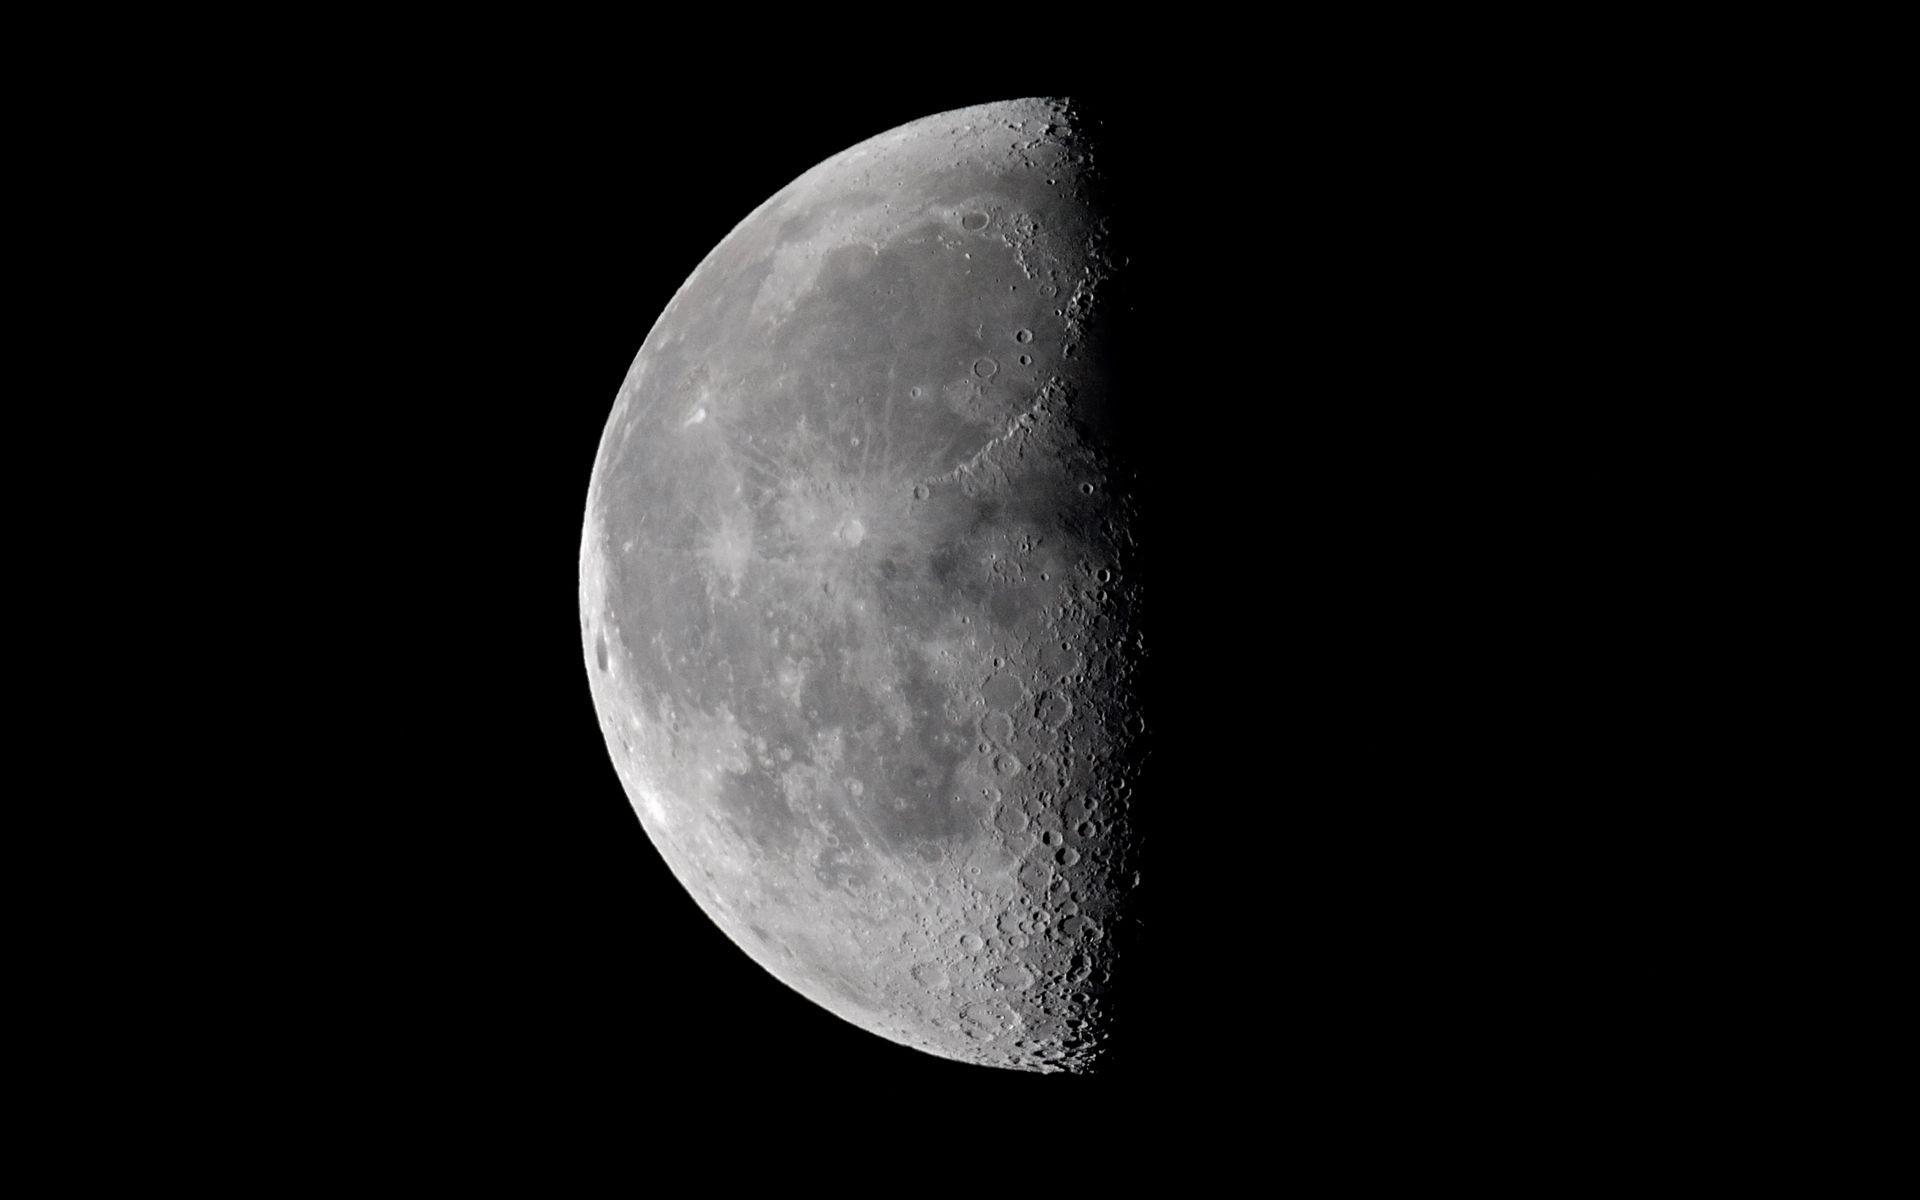 La mitad de una luna llena - 1920x1200